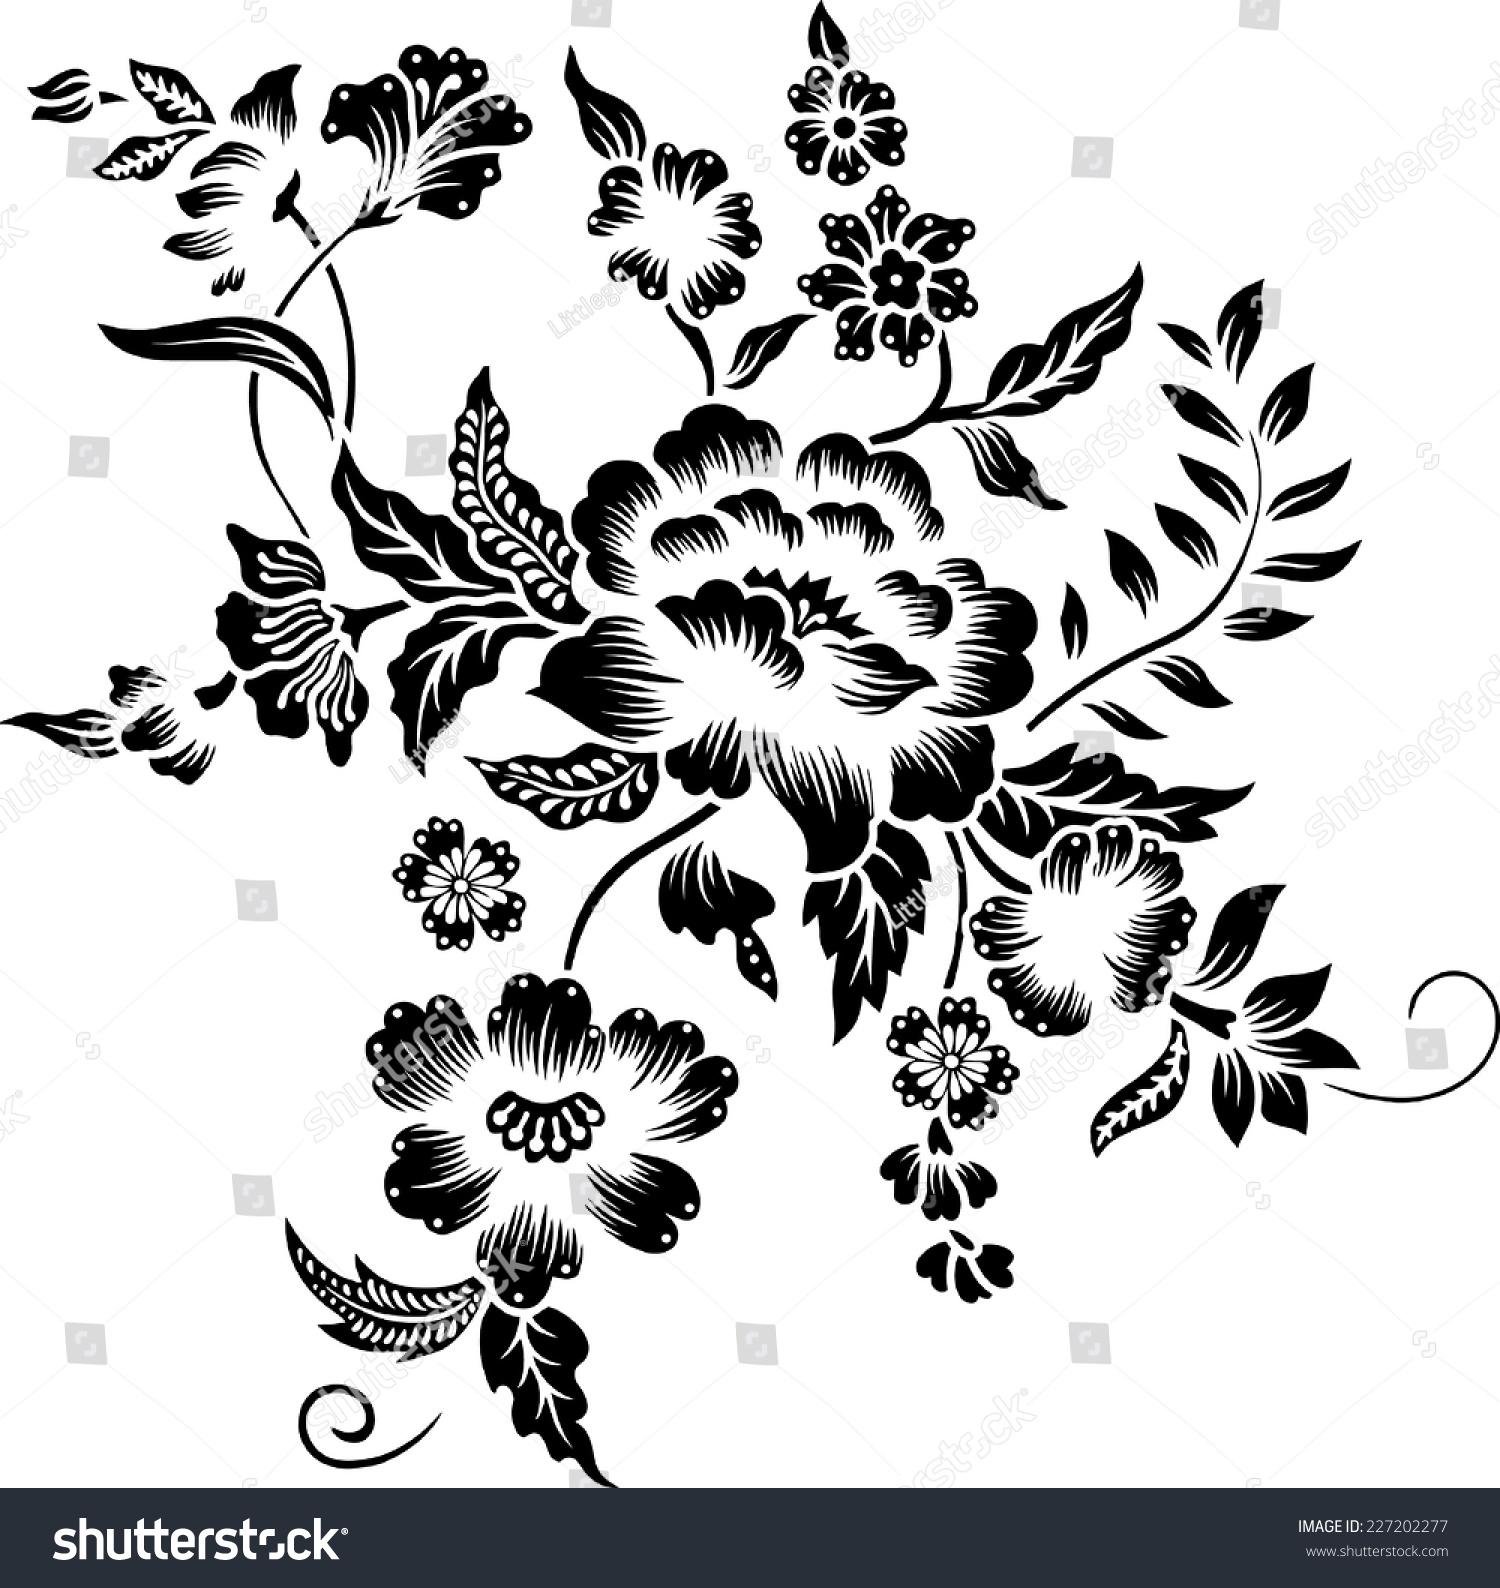 Batik.Line Of A Bouquet. Stock Vector Illustration